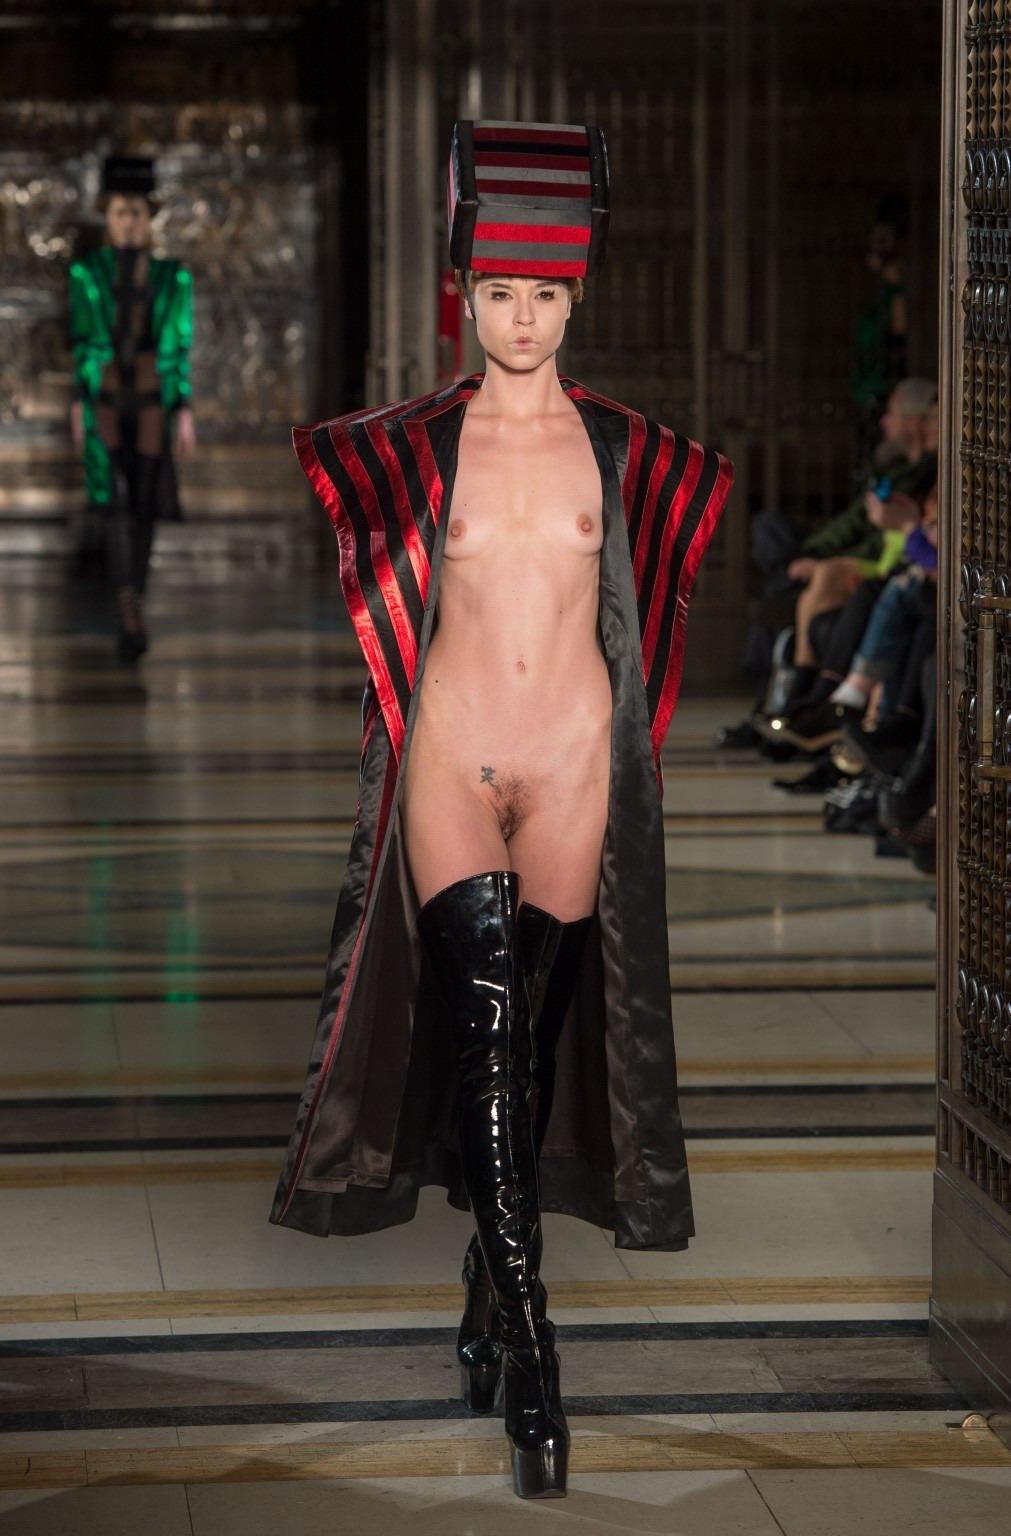 【理解不能】ファッション無しの「全裸ファッションショー」が開催されるwwwwwwwwwwwwww(エロGIF)・23枚目